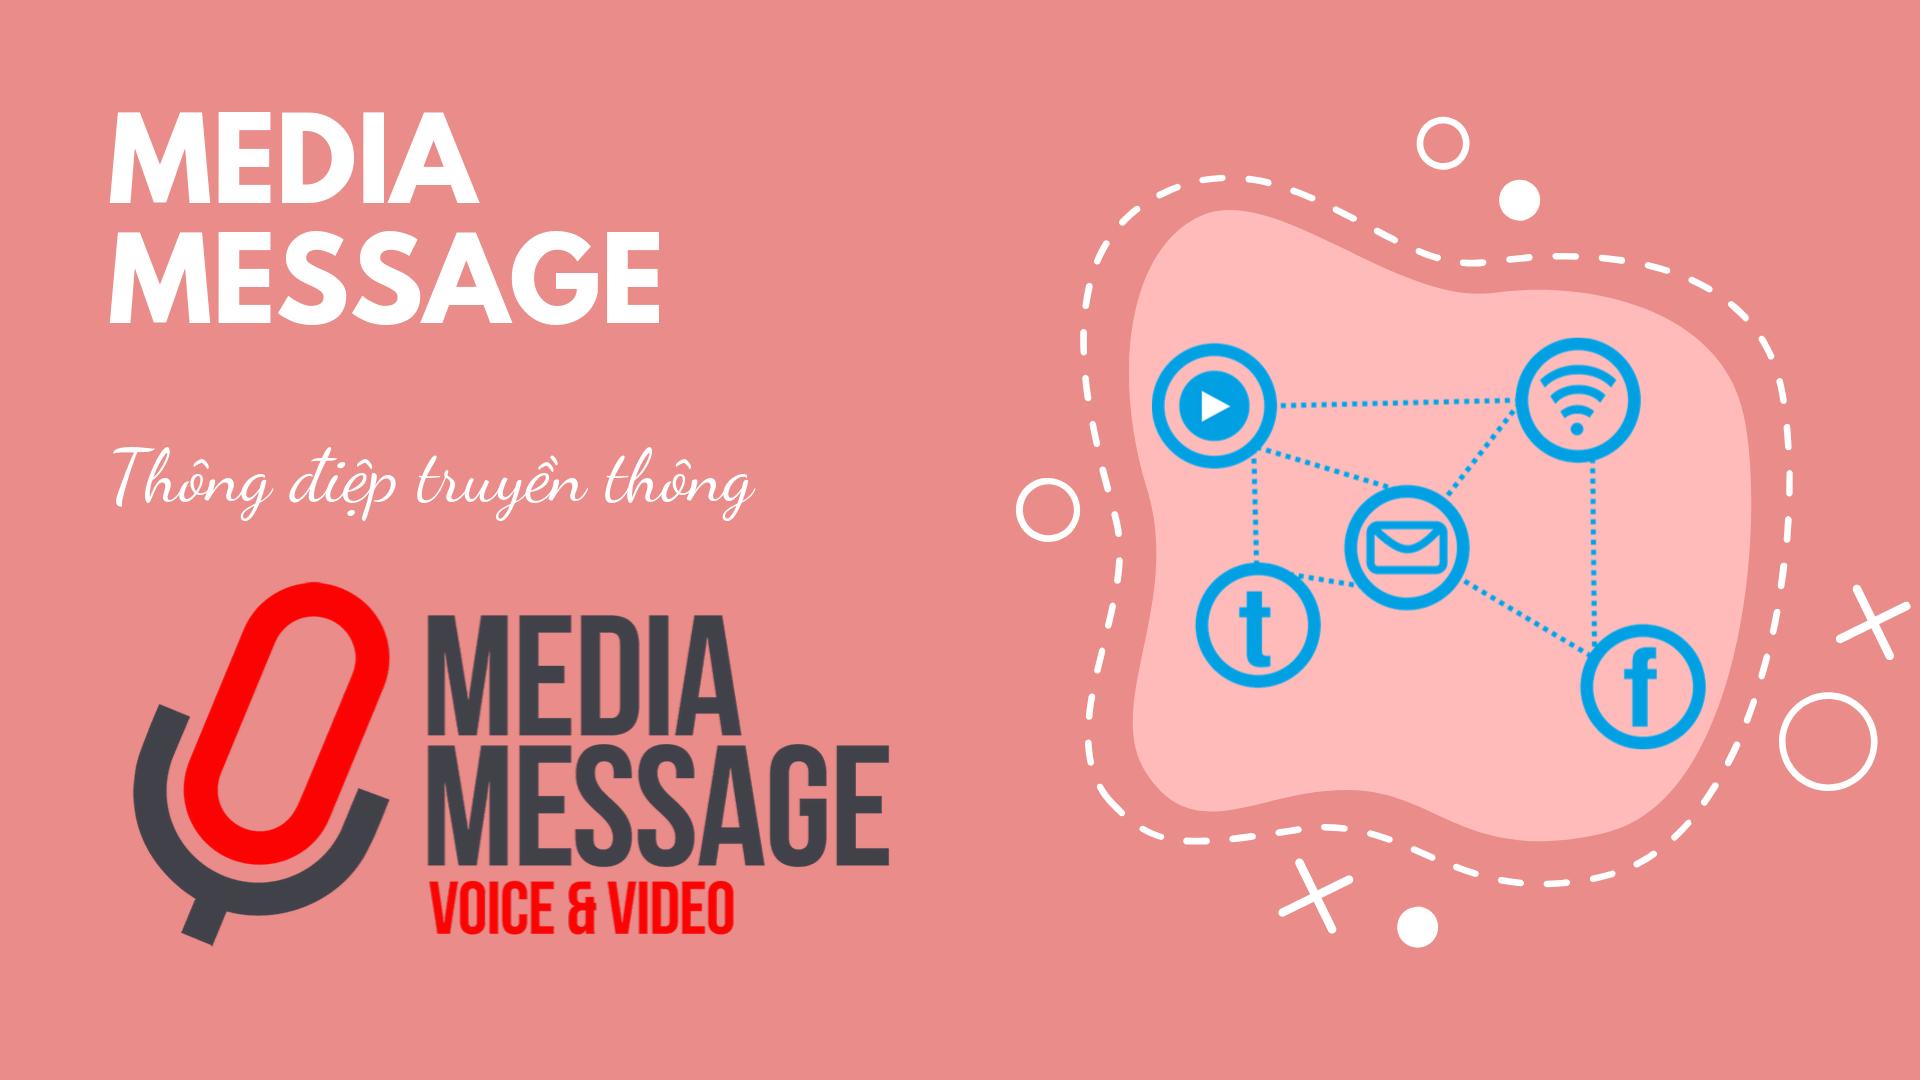 Kết quả hình ảnh cho thông điệp truyền thông là gì